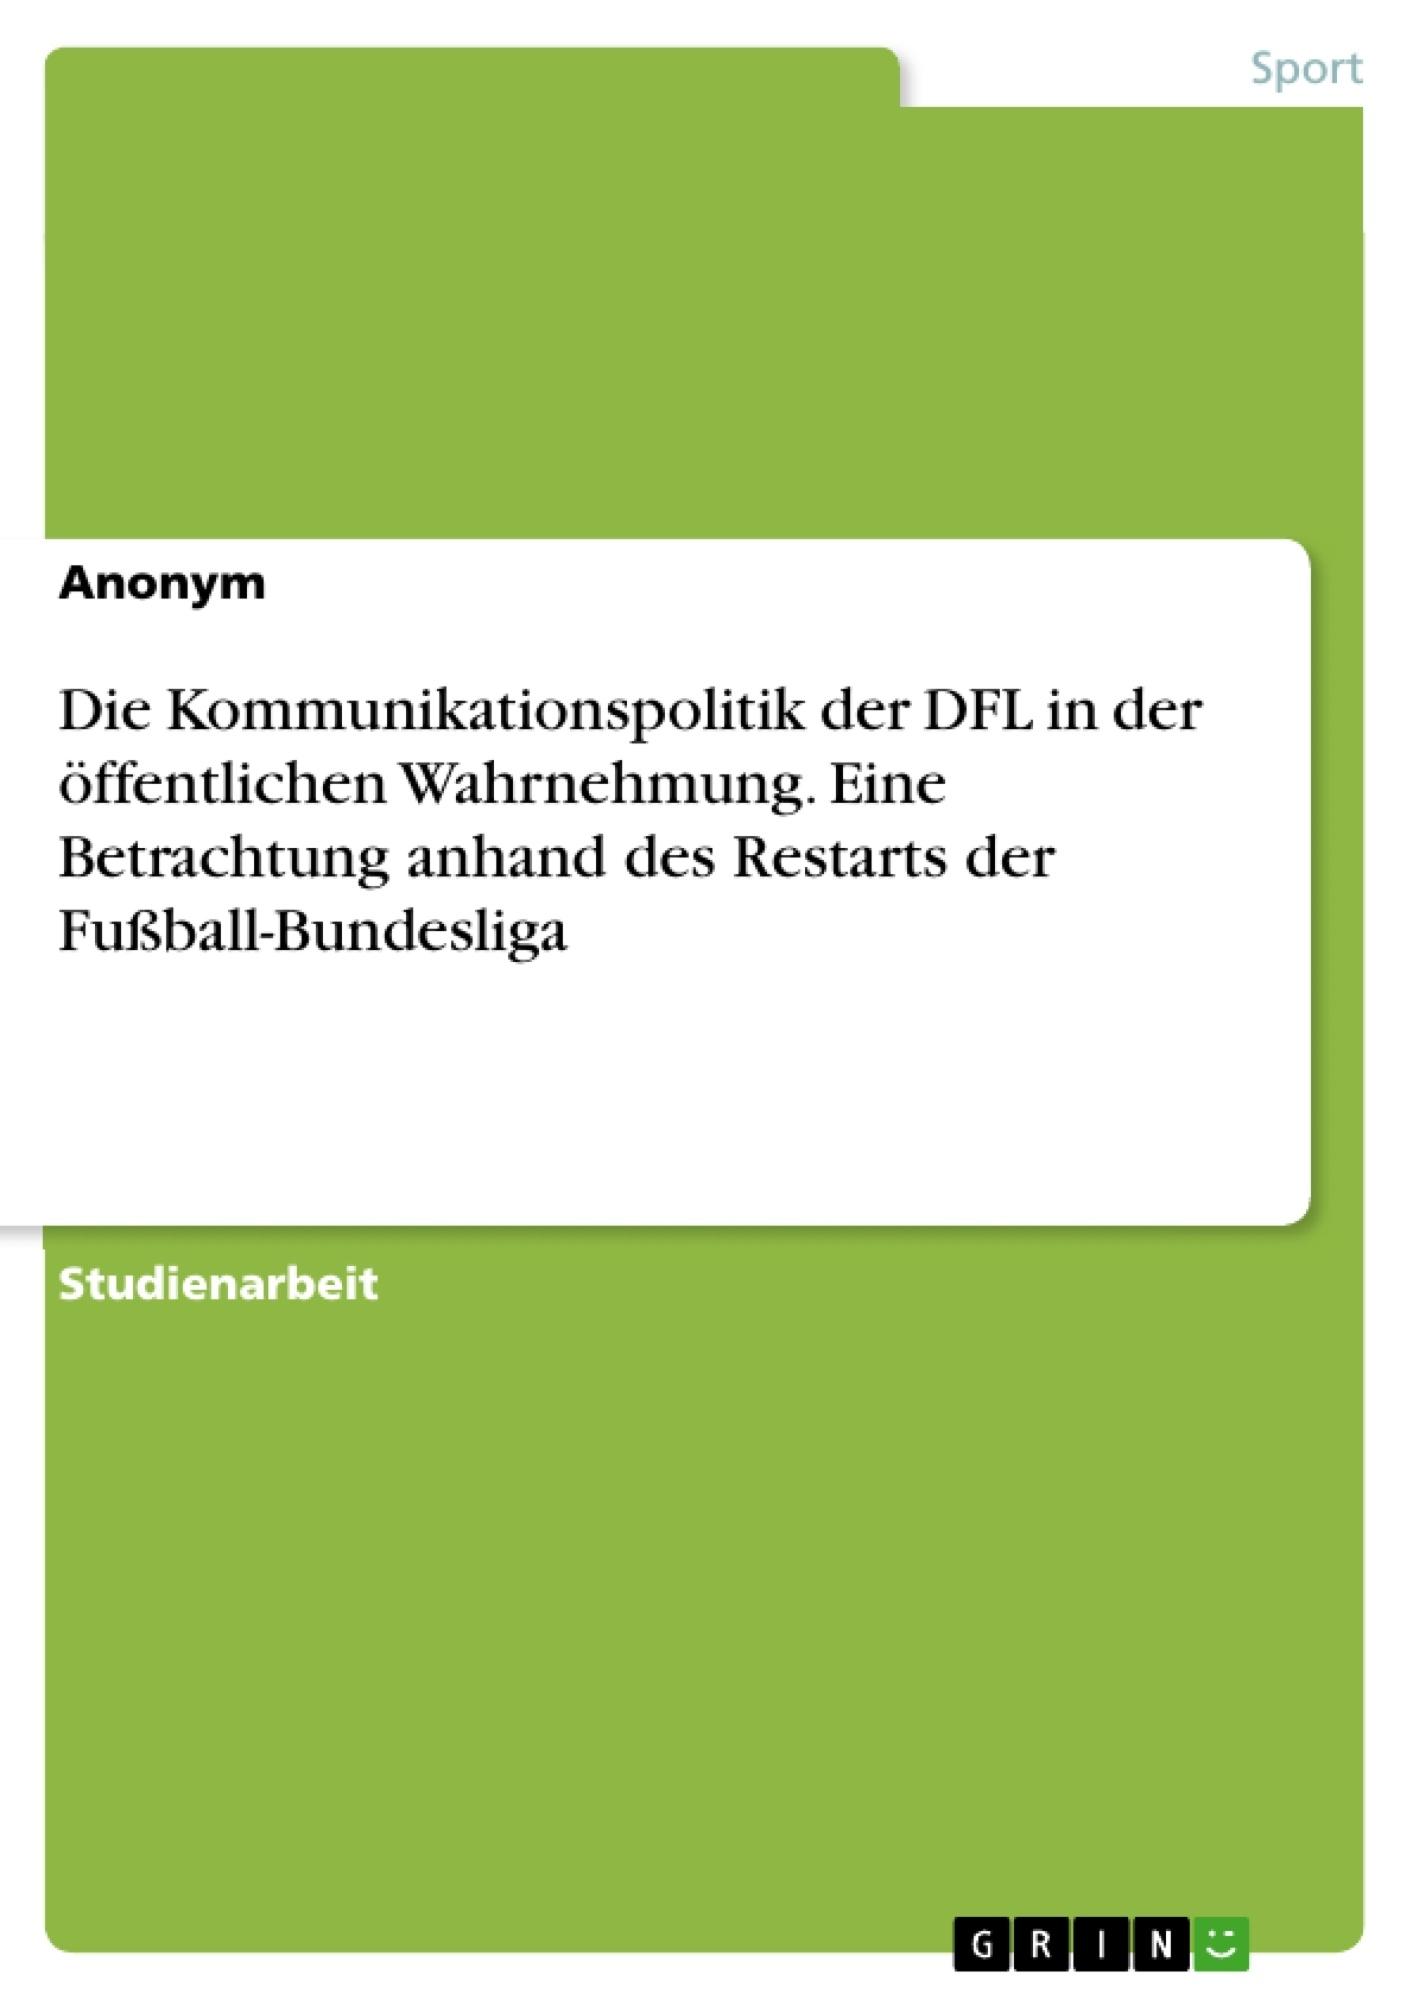 Titel: Die Kommunikationspolitik der DFL in der öffentlichen Wahrnehmung. Eine Betrachtung anhand des Restarts der Fußball-Bundesliga